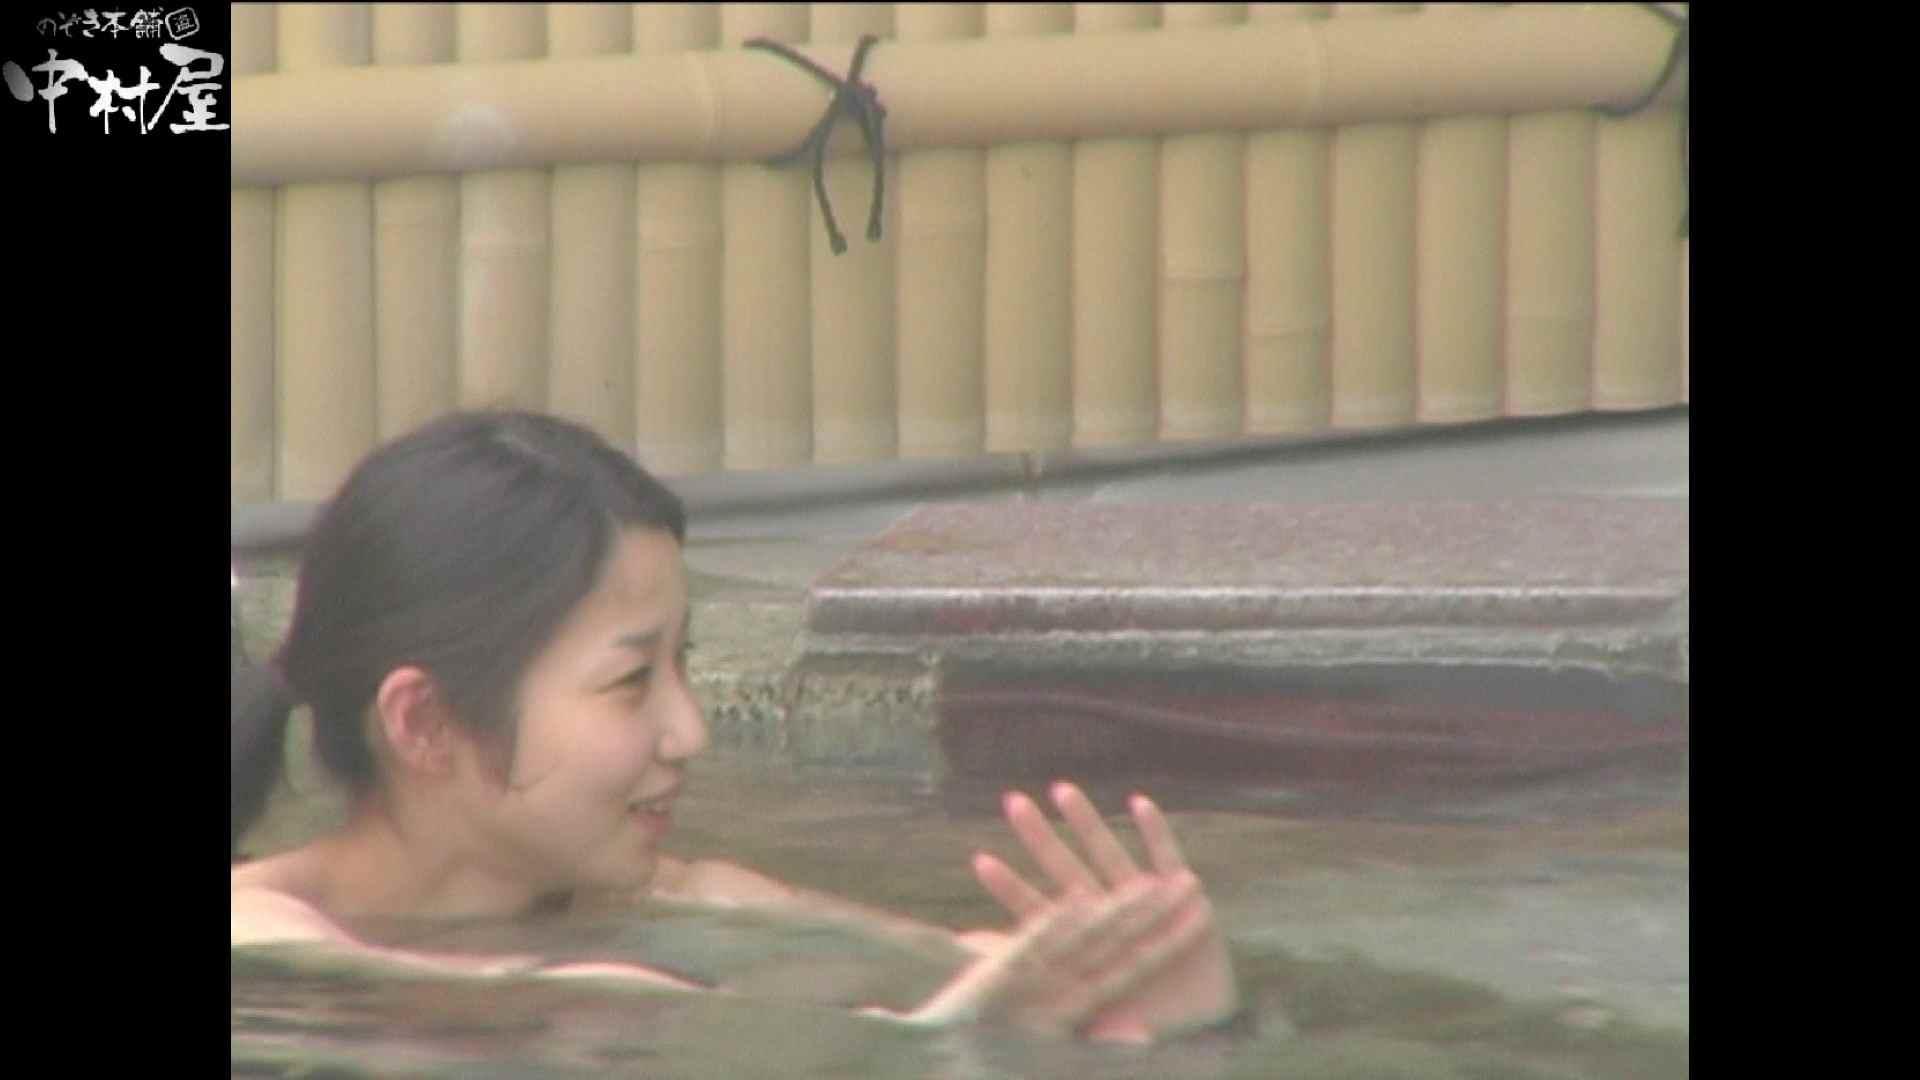 Aquaな露天風呂Vol.898 盗撮シリーズ  110PIX 46